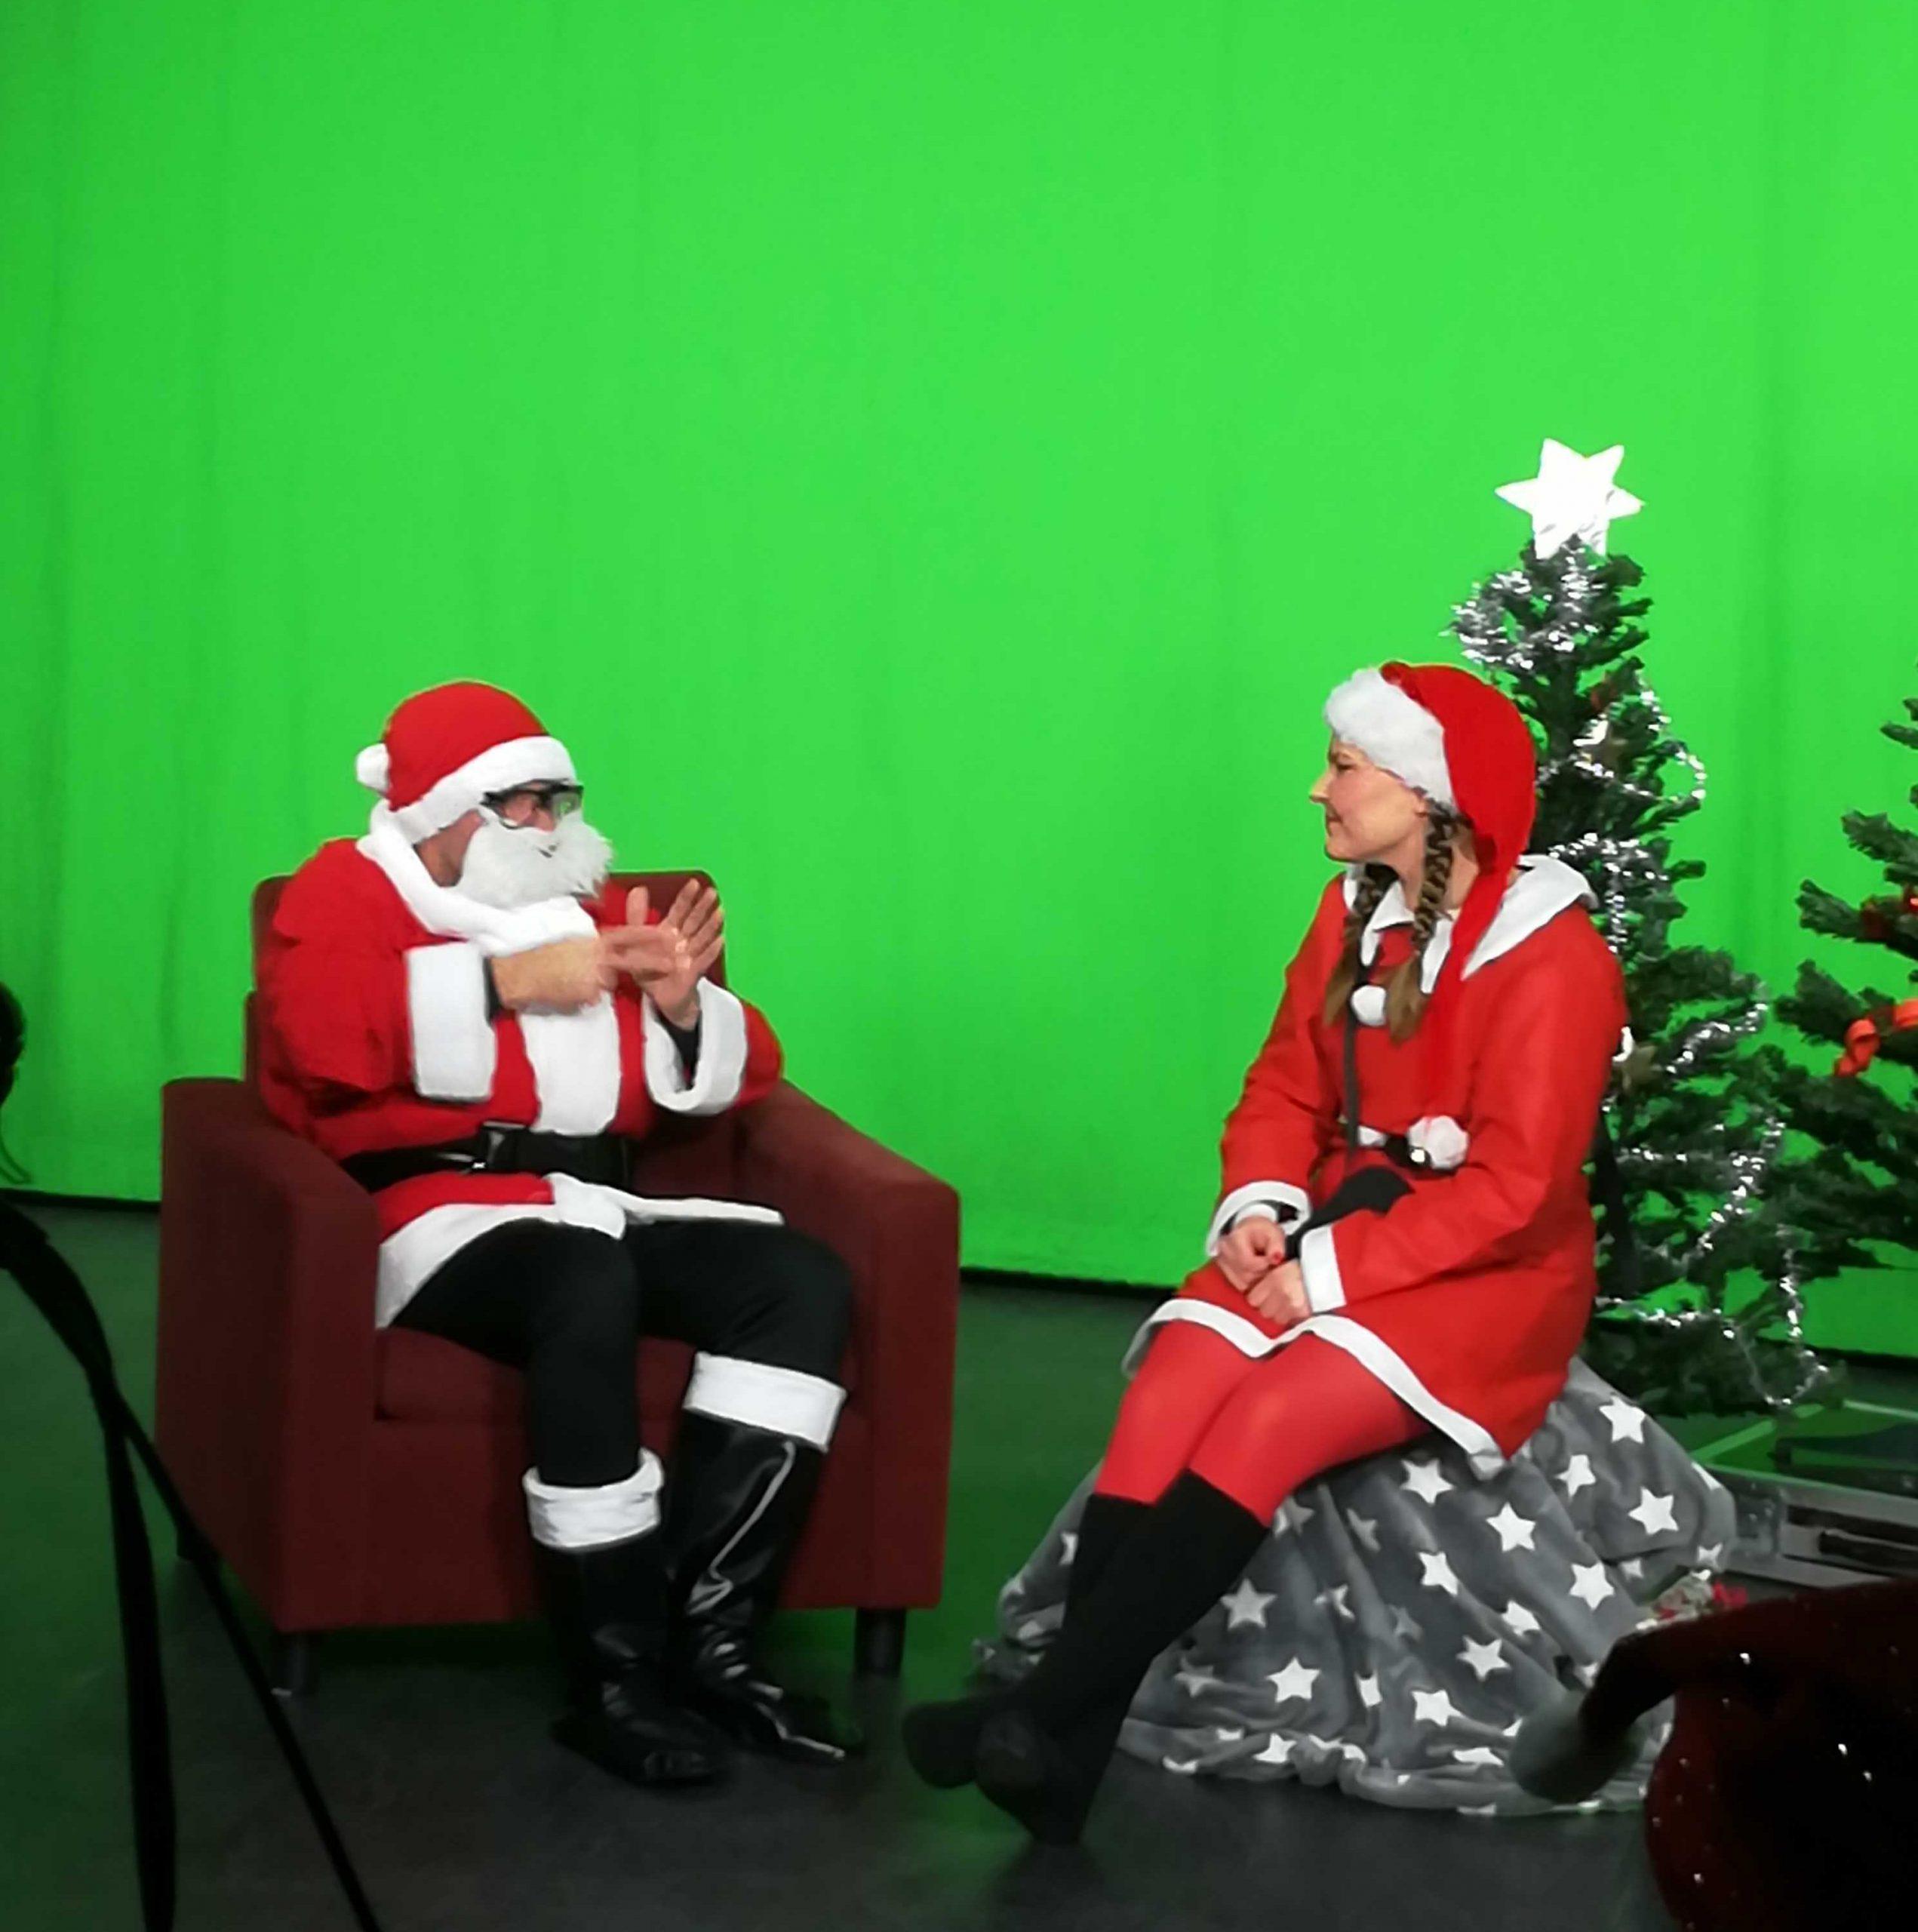 Kuvassa vihreän kankaan edessä istuvat joulupukki ja tonttuasuun sonnustautunut tyttö. Pukki viittoo tontulle